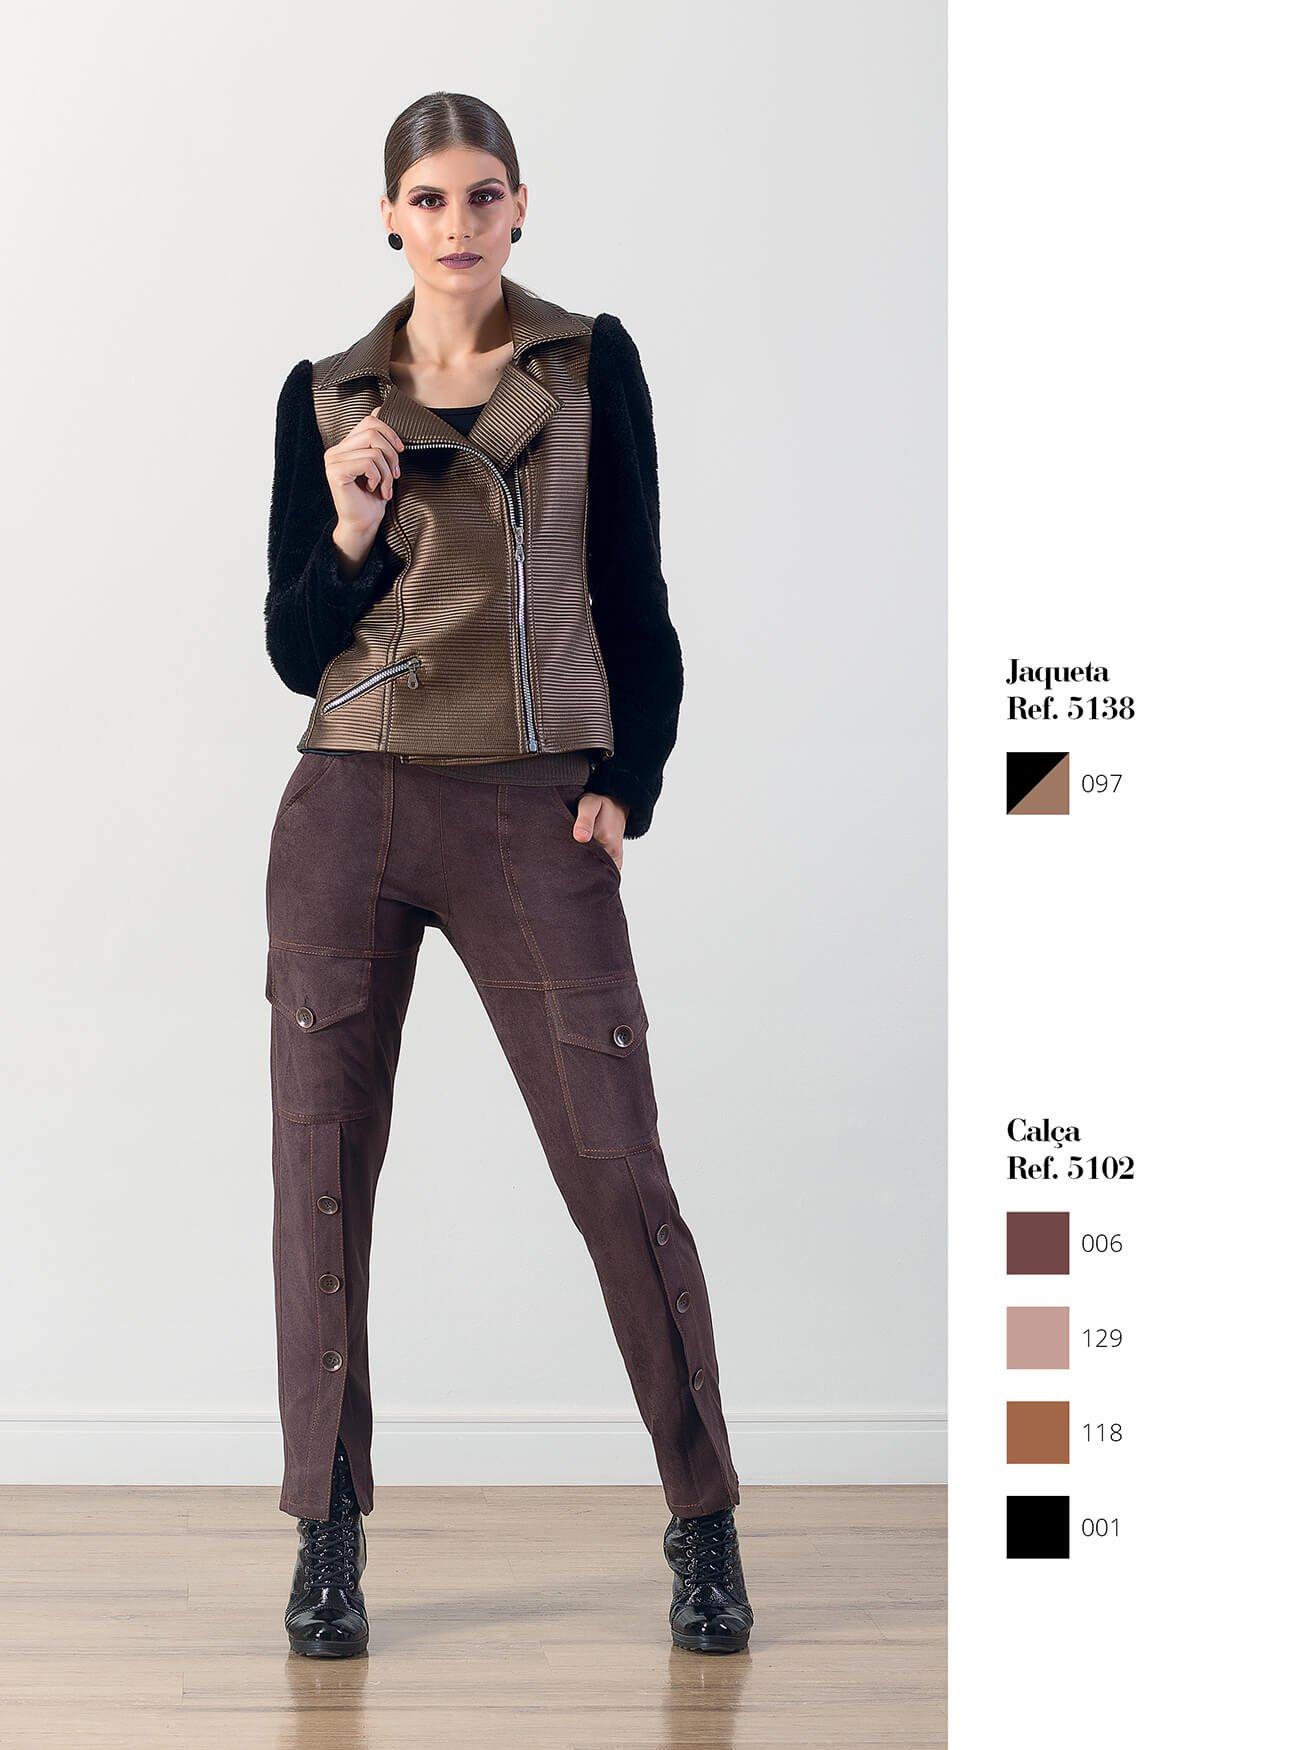 Jaqueta de couro e pele | Calça cargo com abotoamento